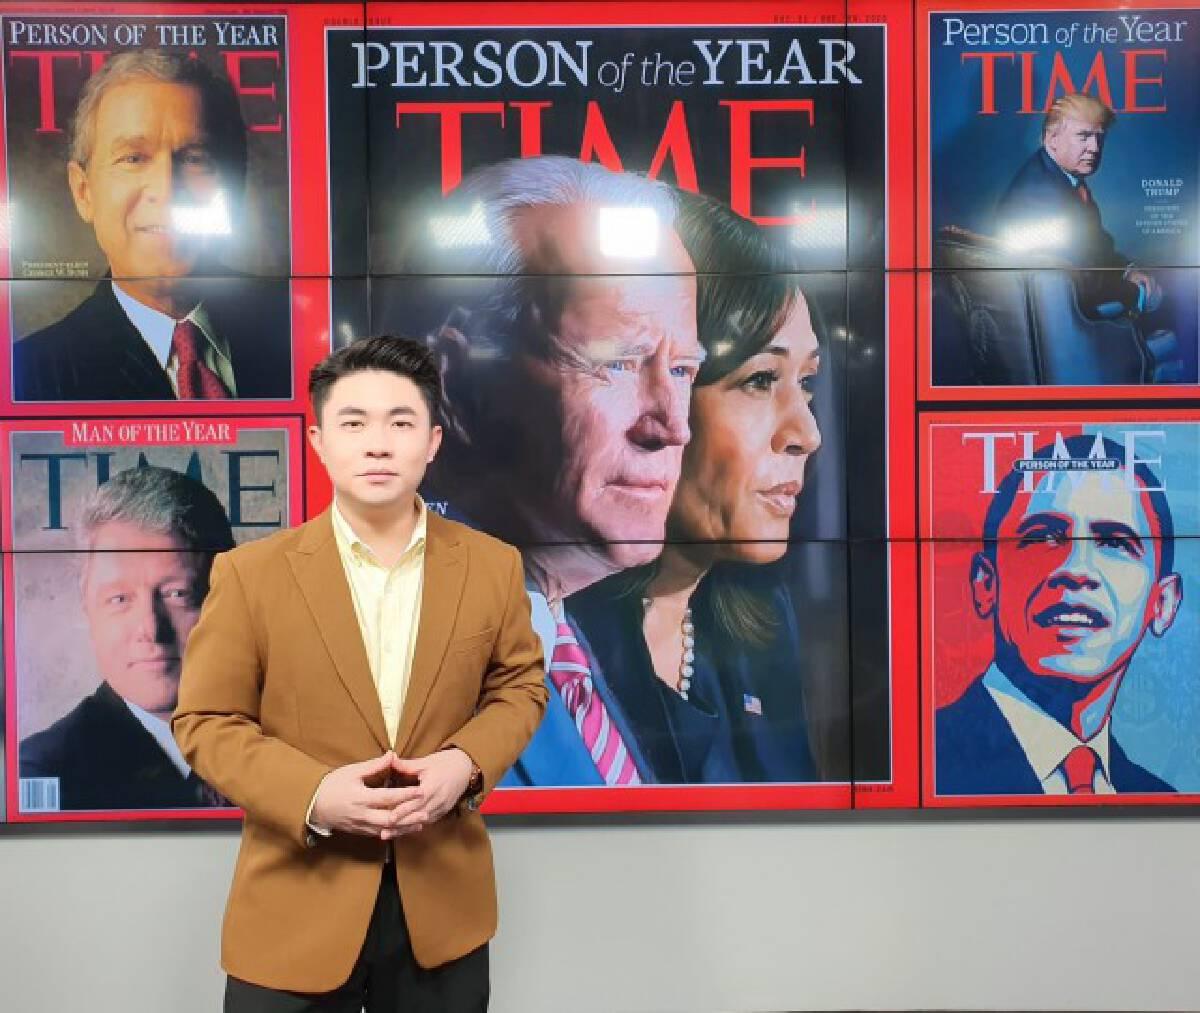 """ย้อนรอย """"ว่าที่ผู้นำสหรัฐฯ"""" กับการขึ้นปกไทม์ """"บุคคลแห่งปี"""""""